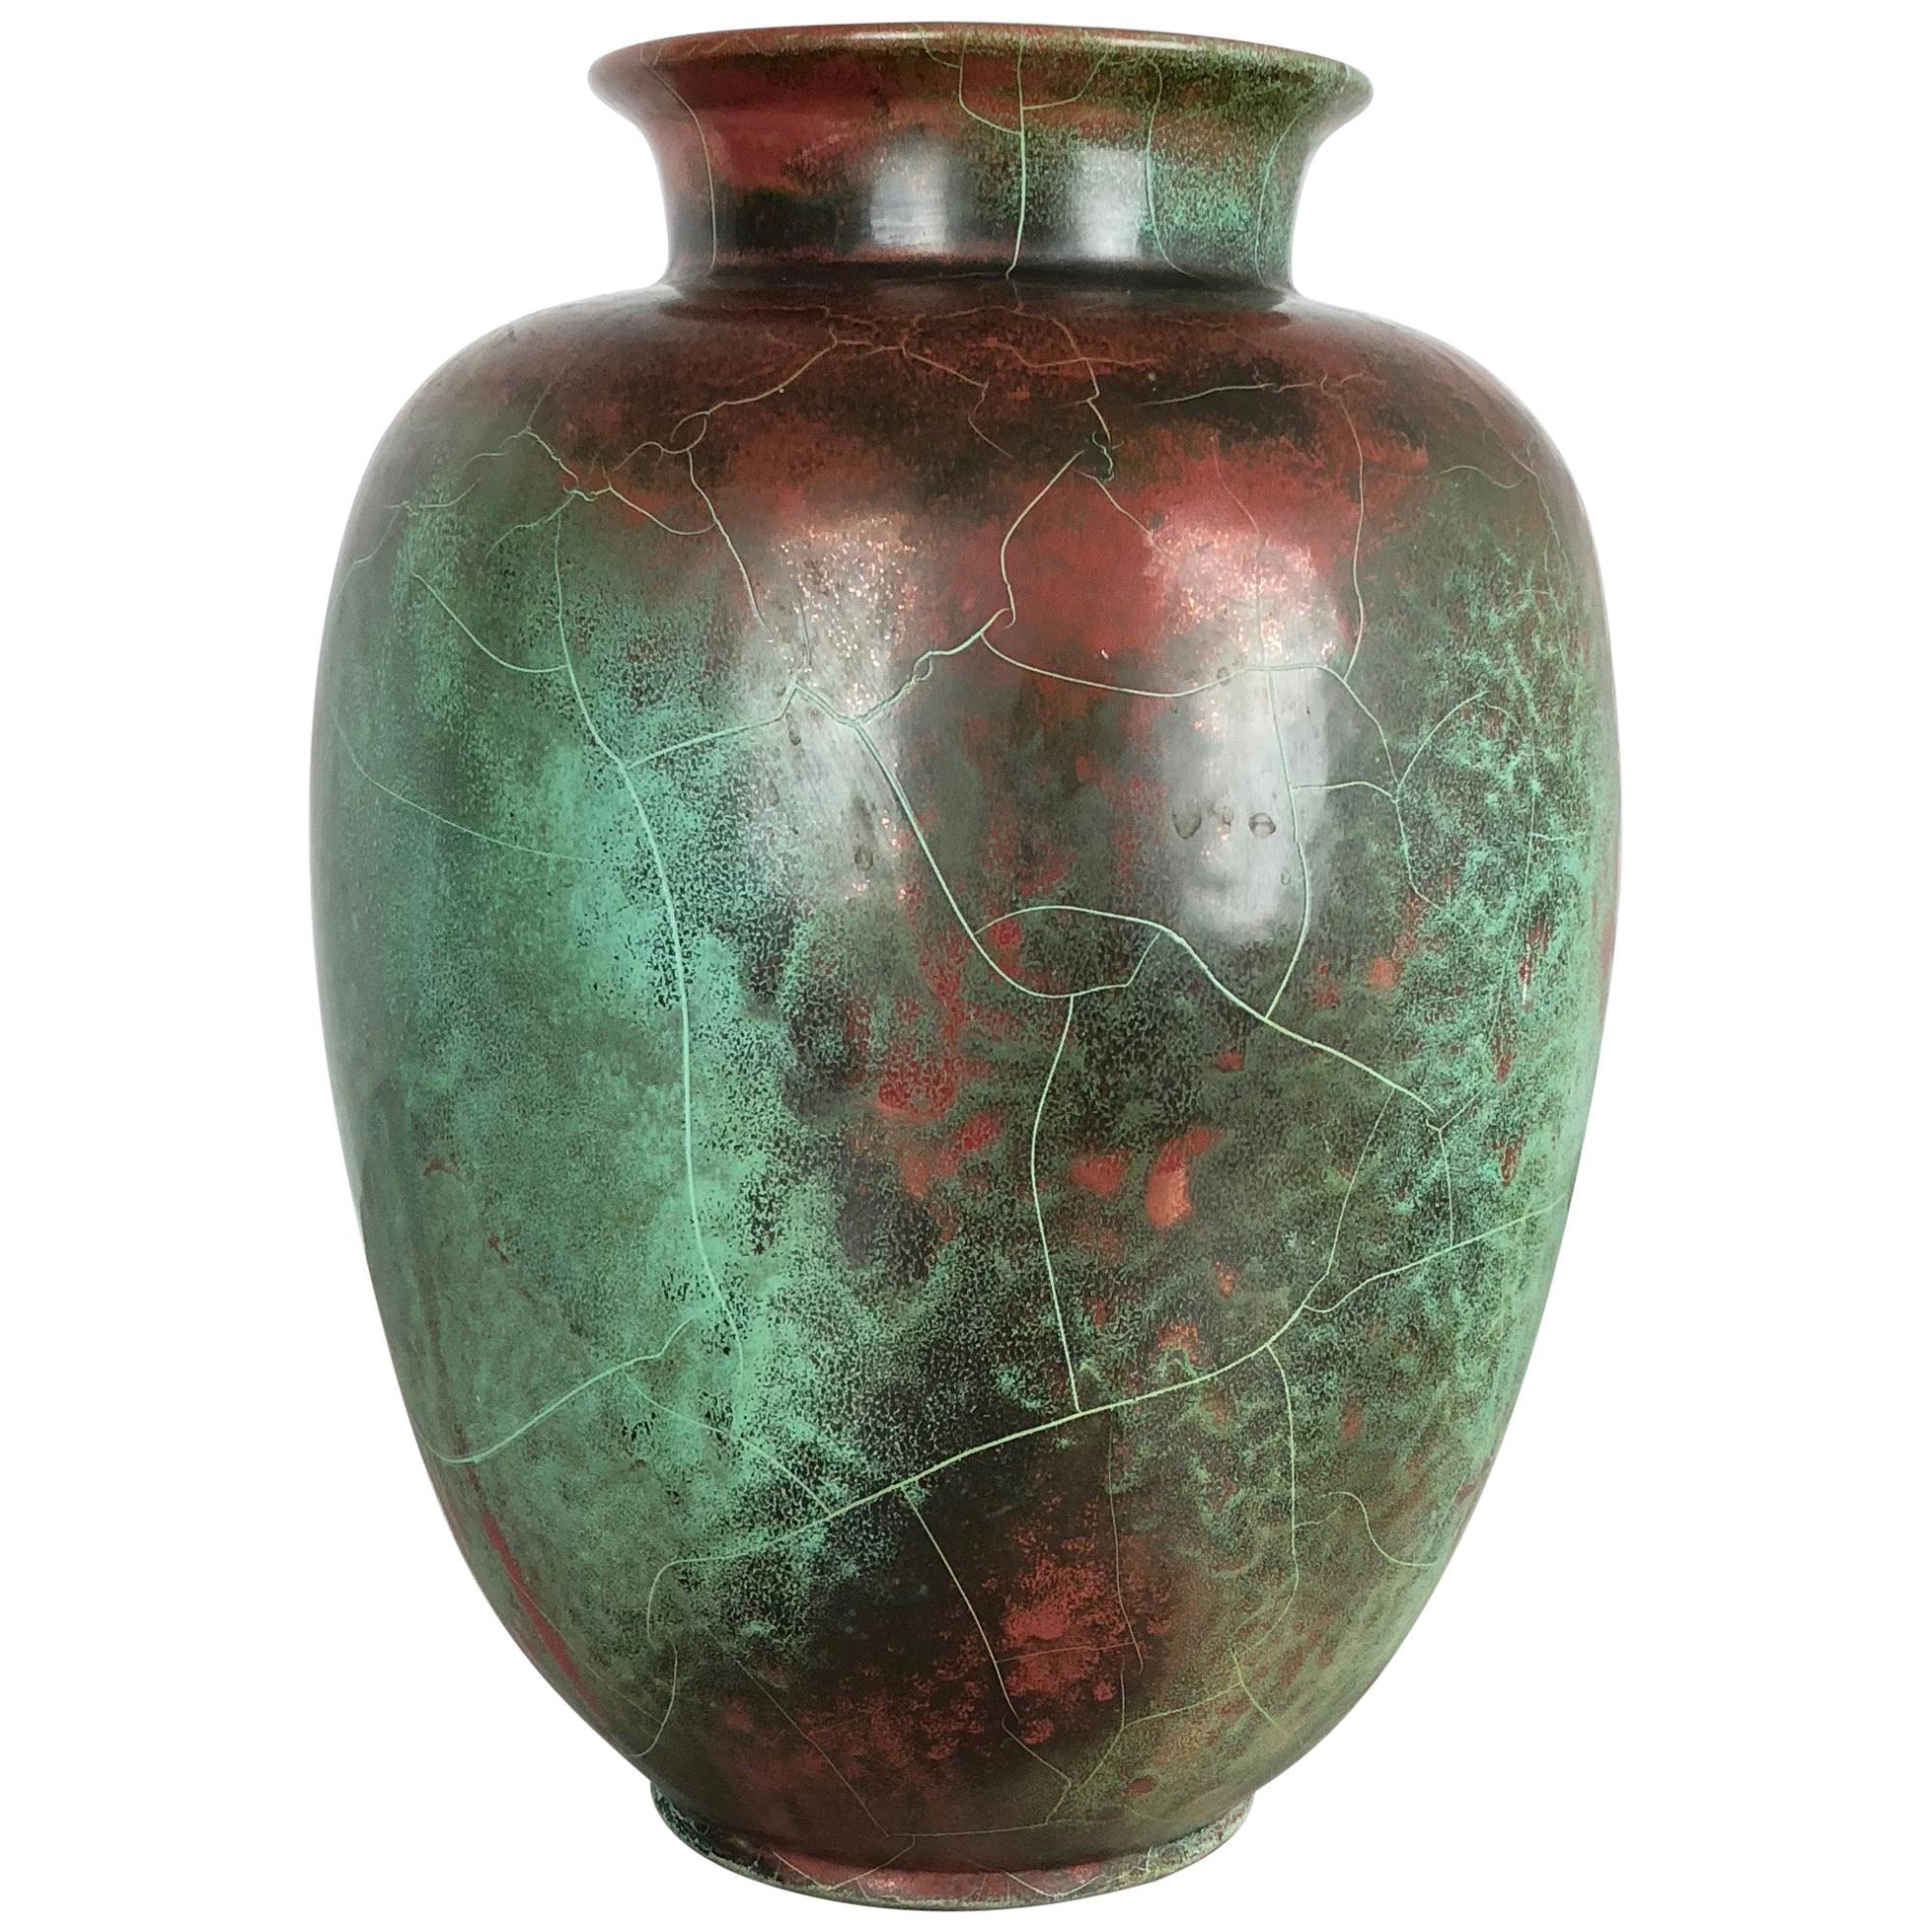 Large Ceramic Studio Pottery Vase Richard Uhlemeyer, Hannover Germany, 1940s